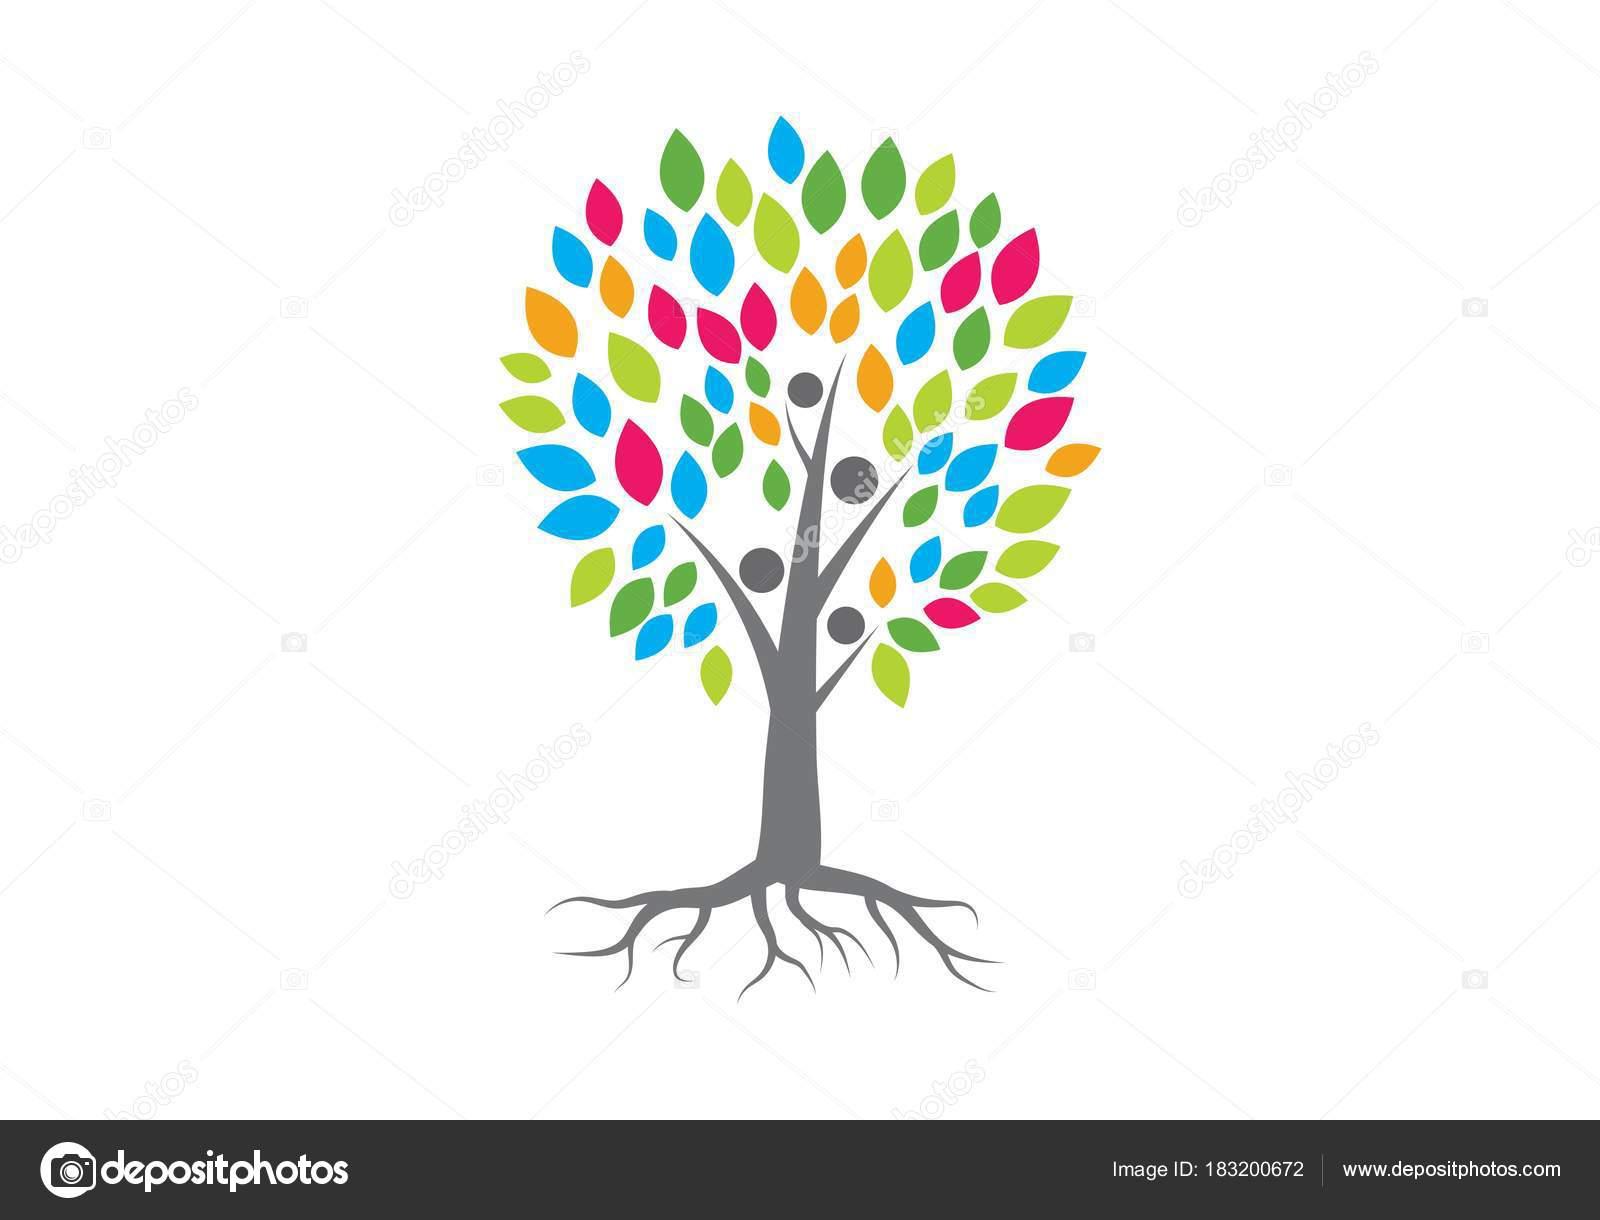 Dibujos Arboles Genealogicos Vector Logo De árbol Genealógico